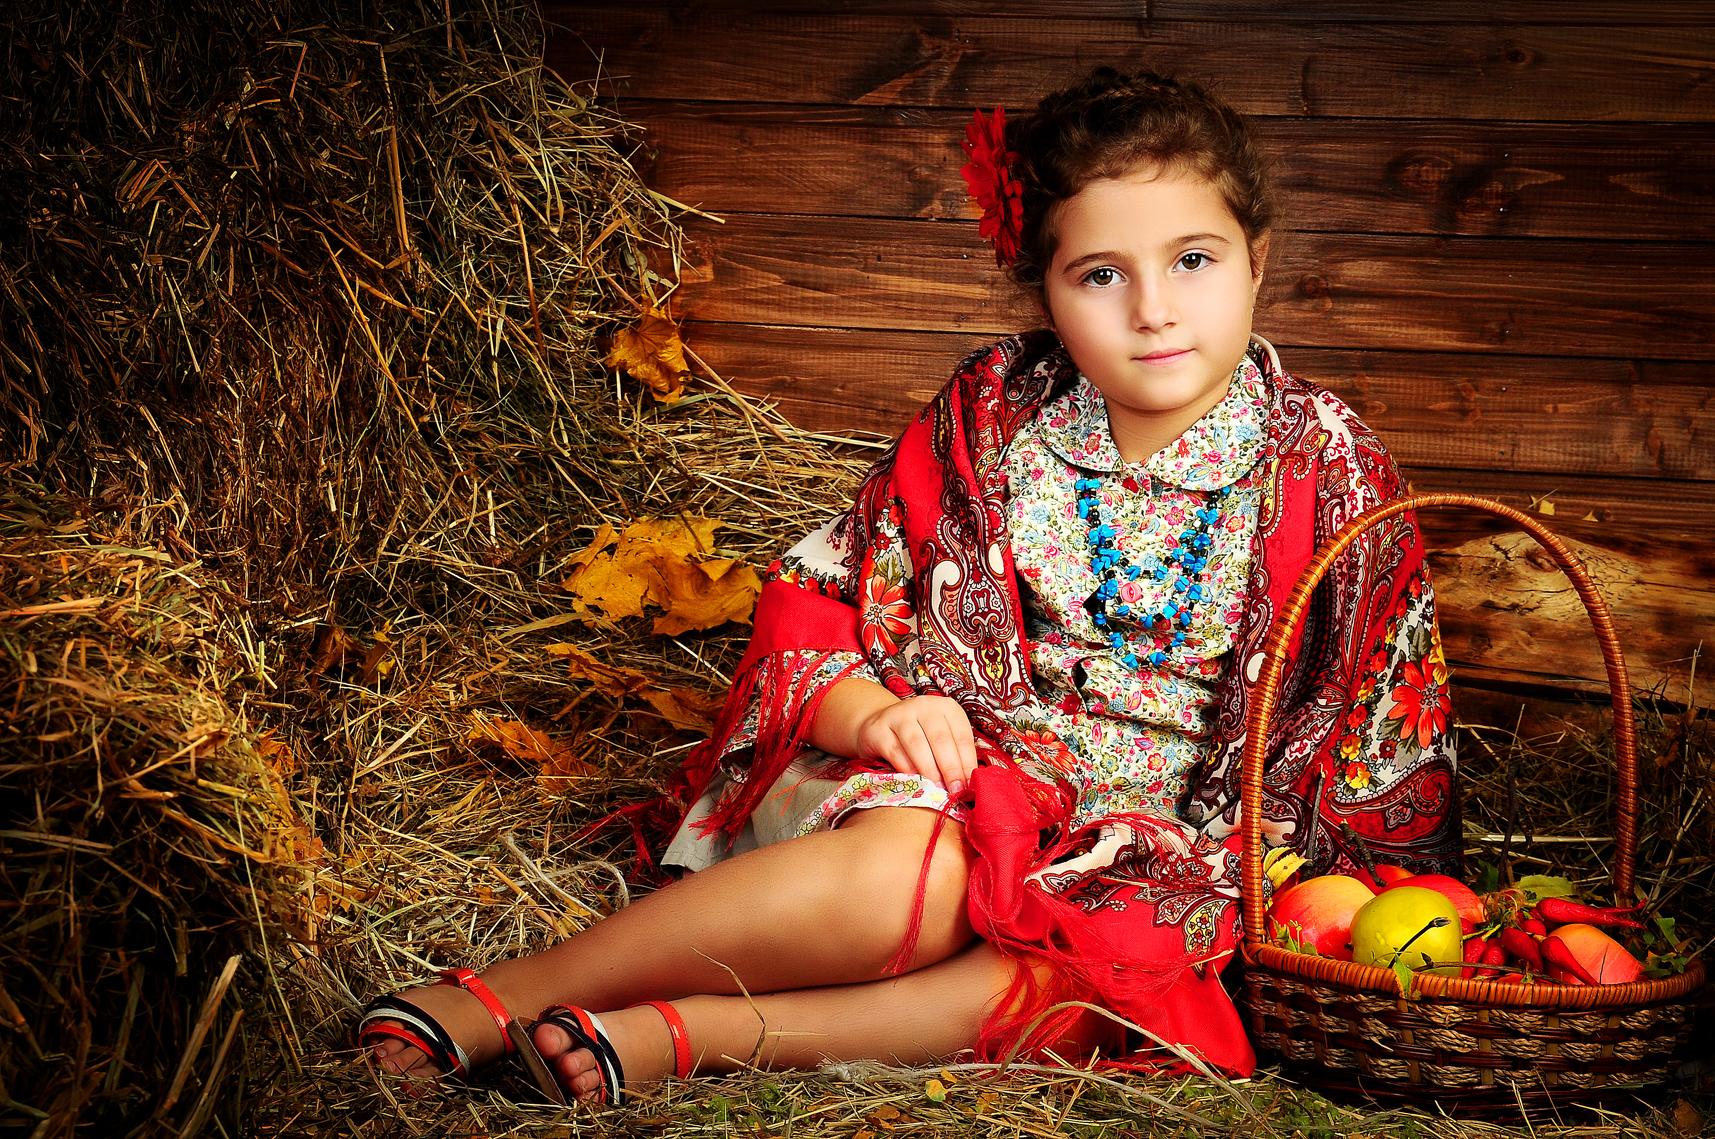 Пригласил русскую девушку в студию 10 фотография